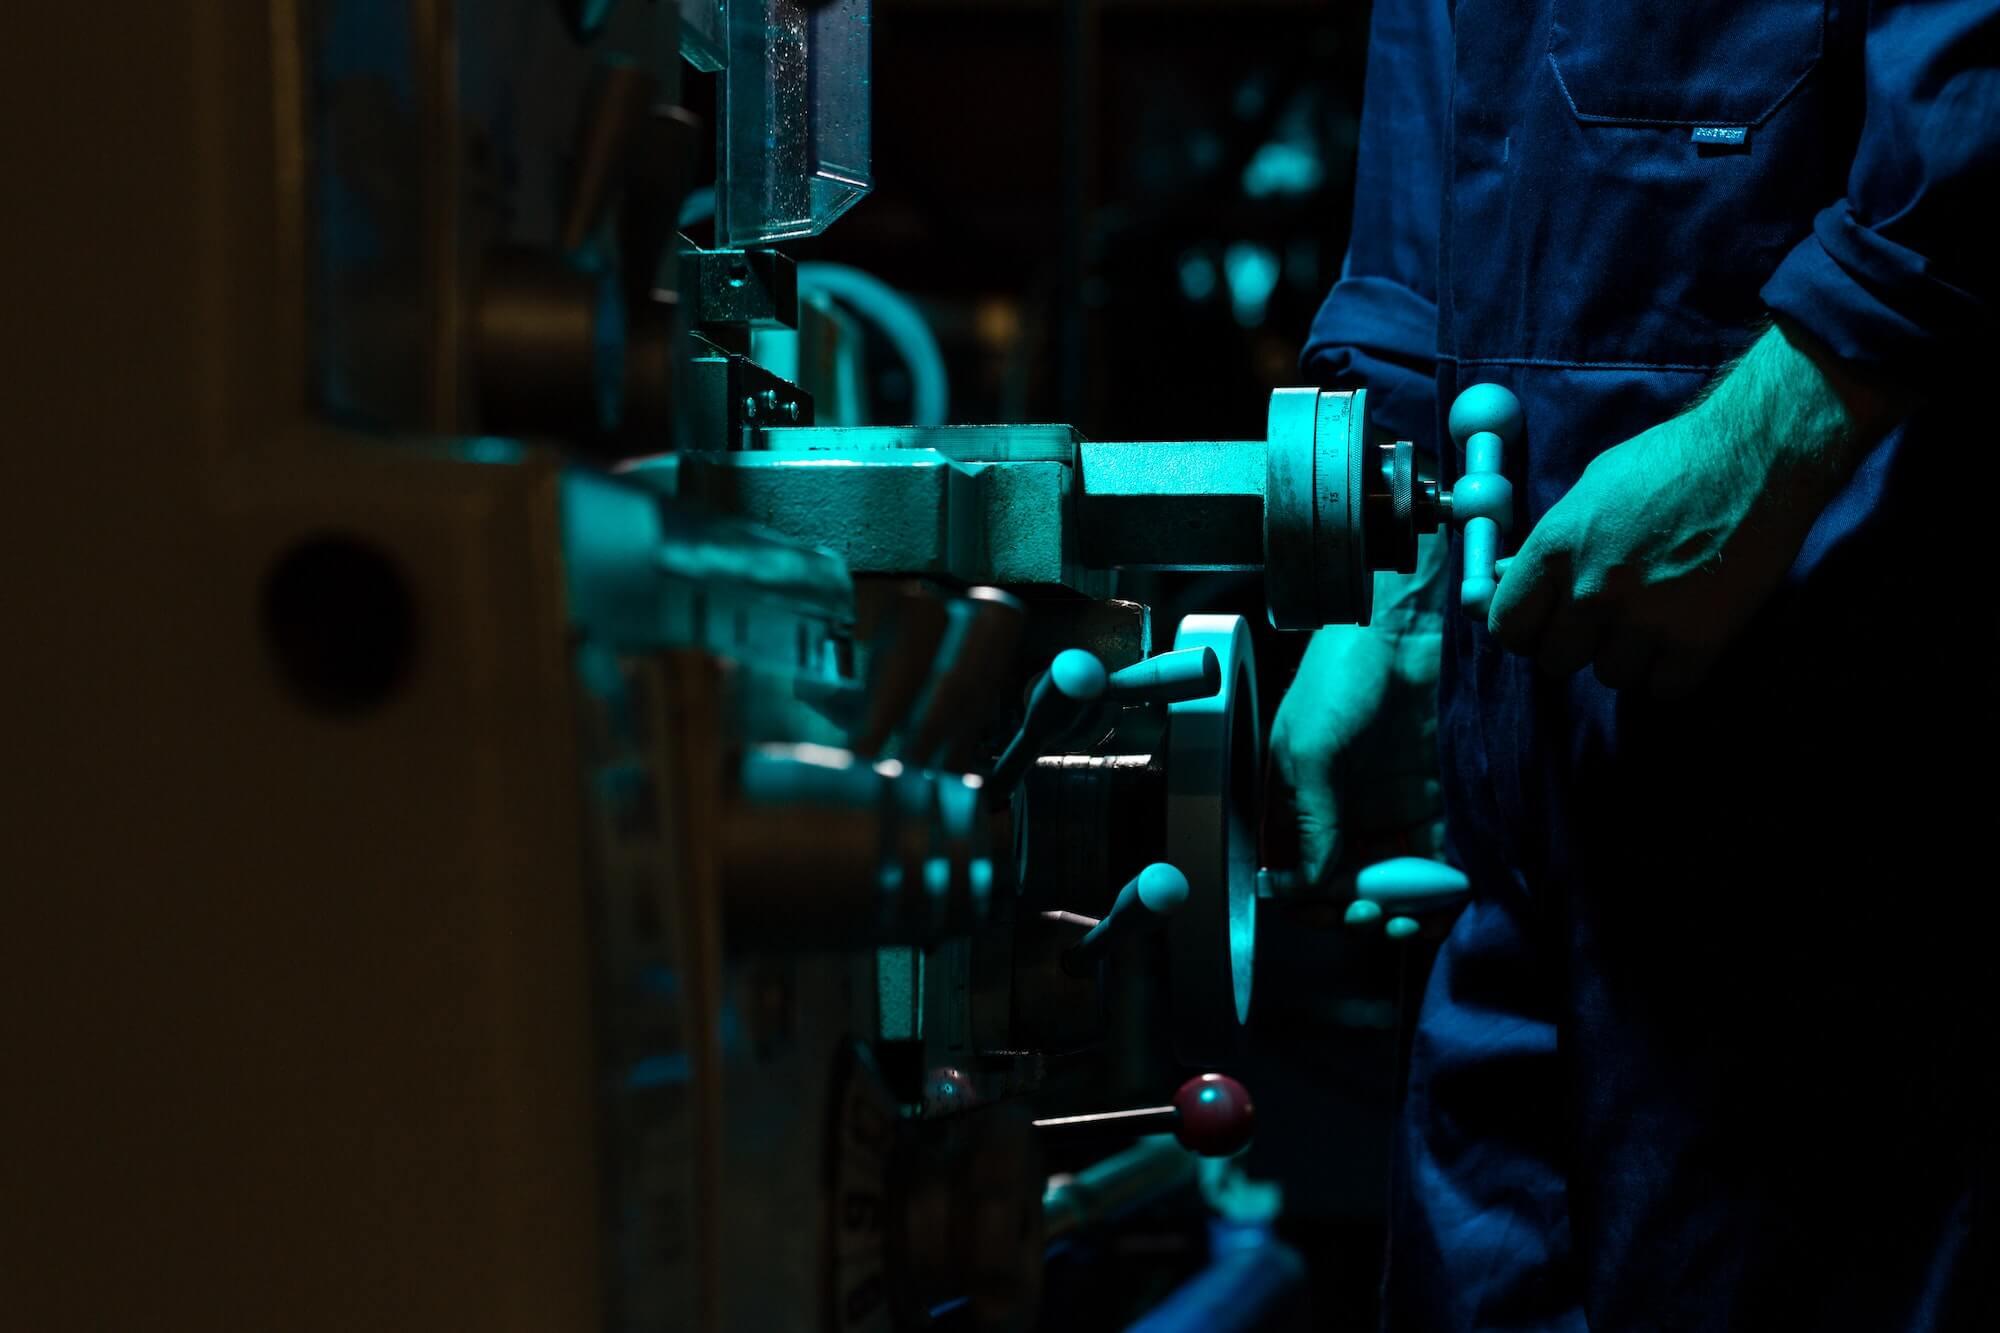 Ouvrir sur une machine de production